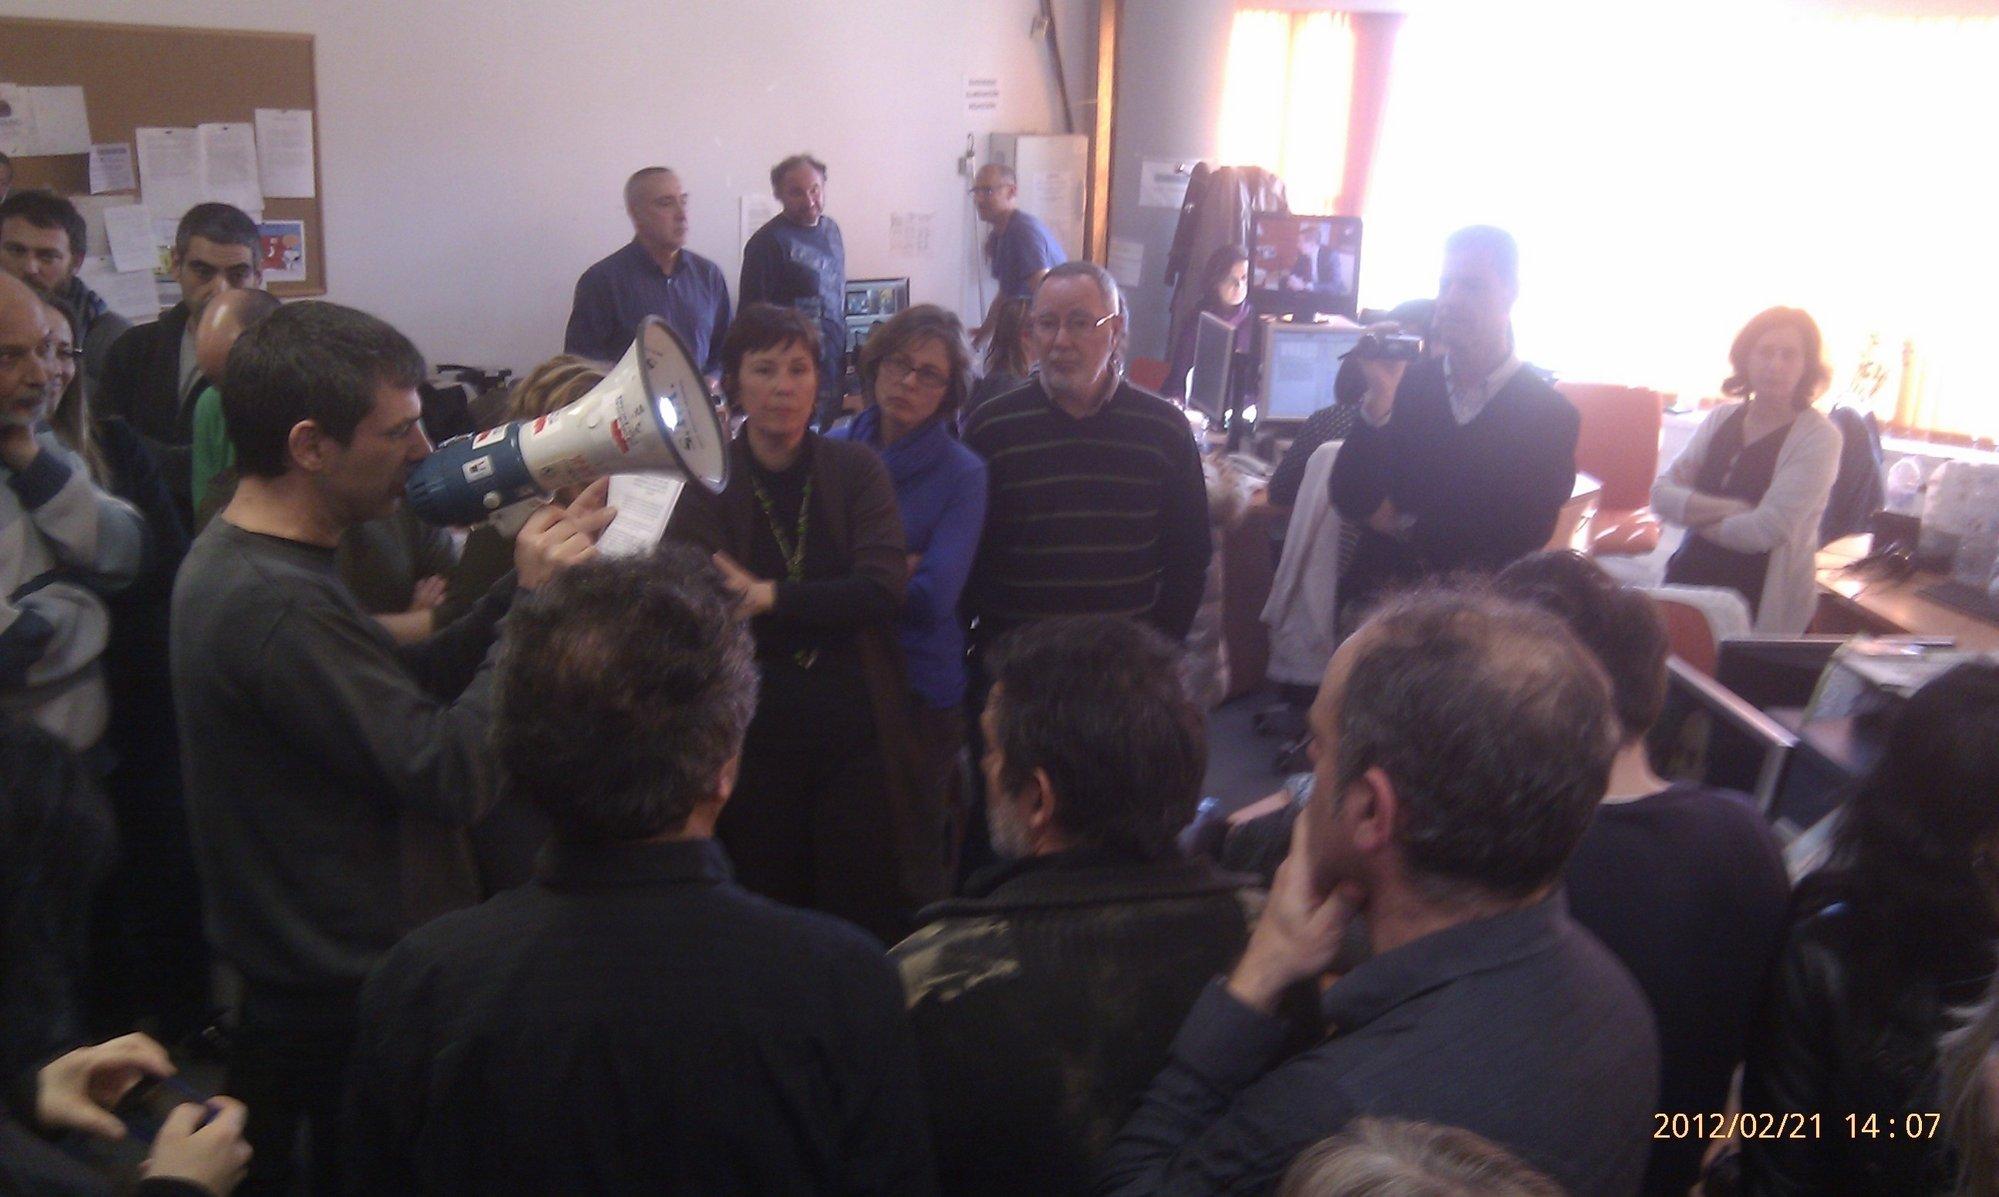 Sindicatos piden la dimisión de López Jaraba y otros directivos de RTVV por dar información «tergiversada»